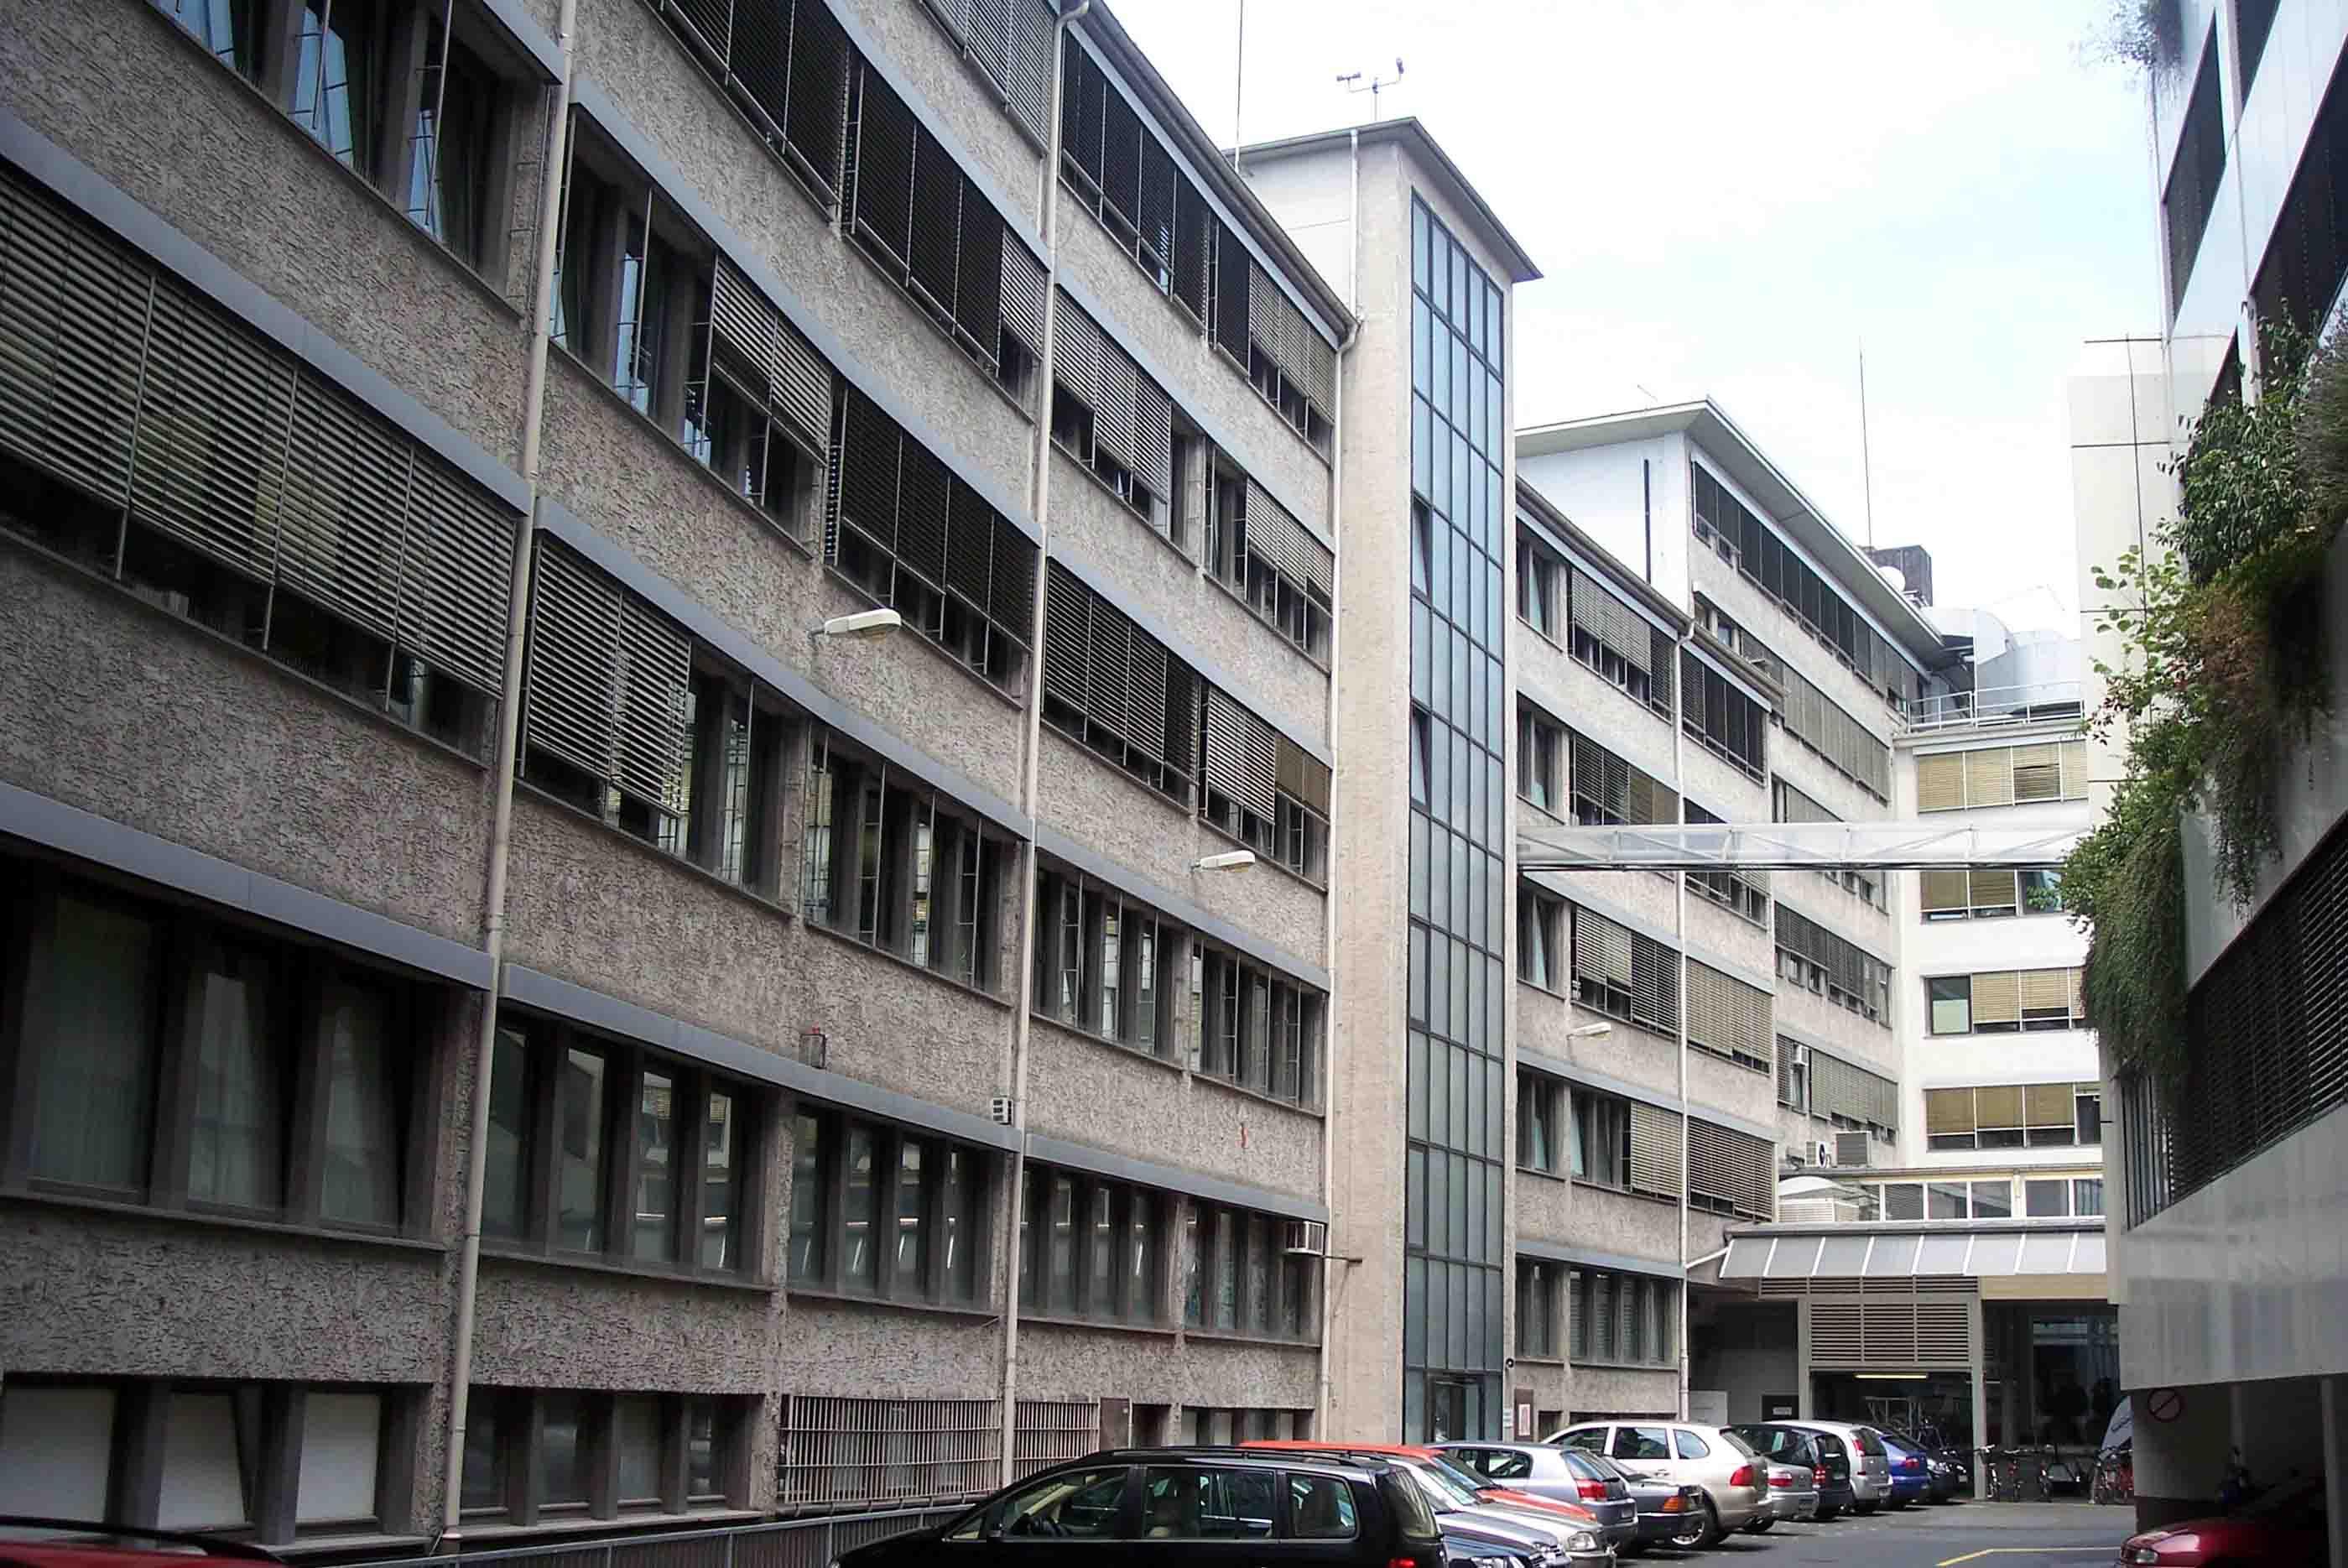 Frankfurter Rundschau, FR, Große Eschenheimer Straße, Frankfurt,  Jürgen Schultheis